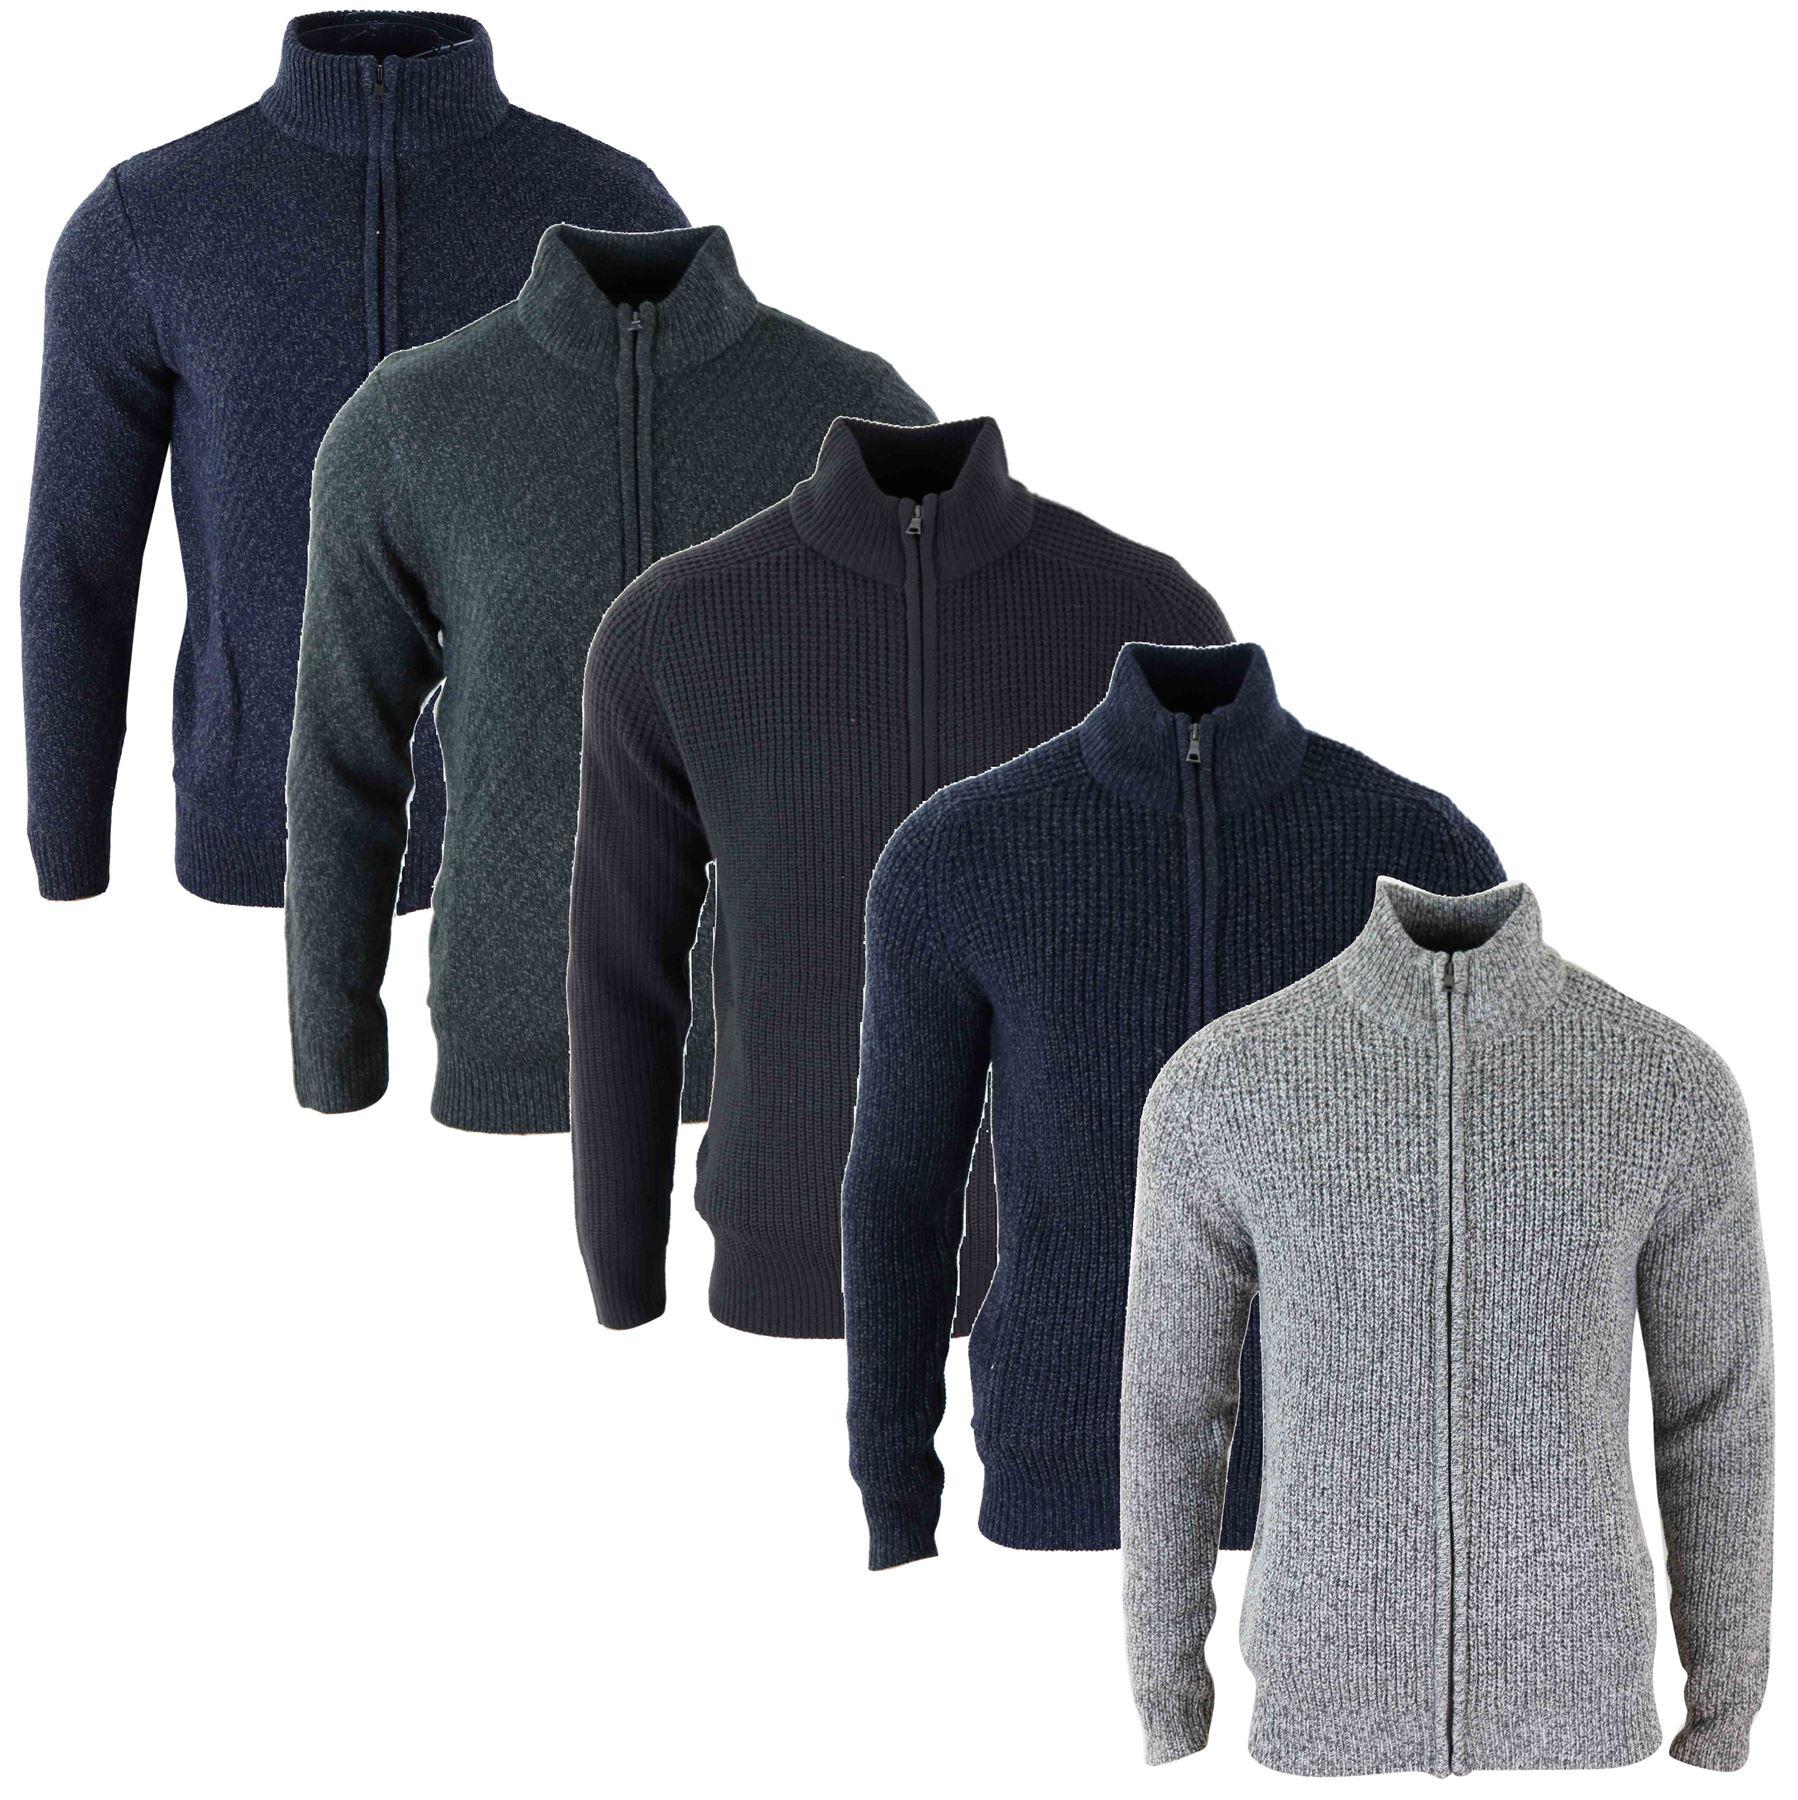 GILET CARDIGAN HOMME pull zippé tricot épais